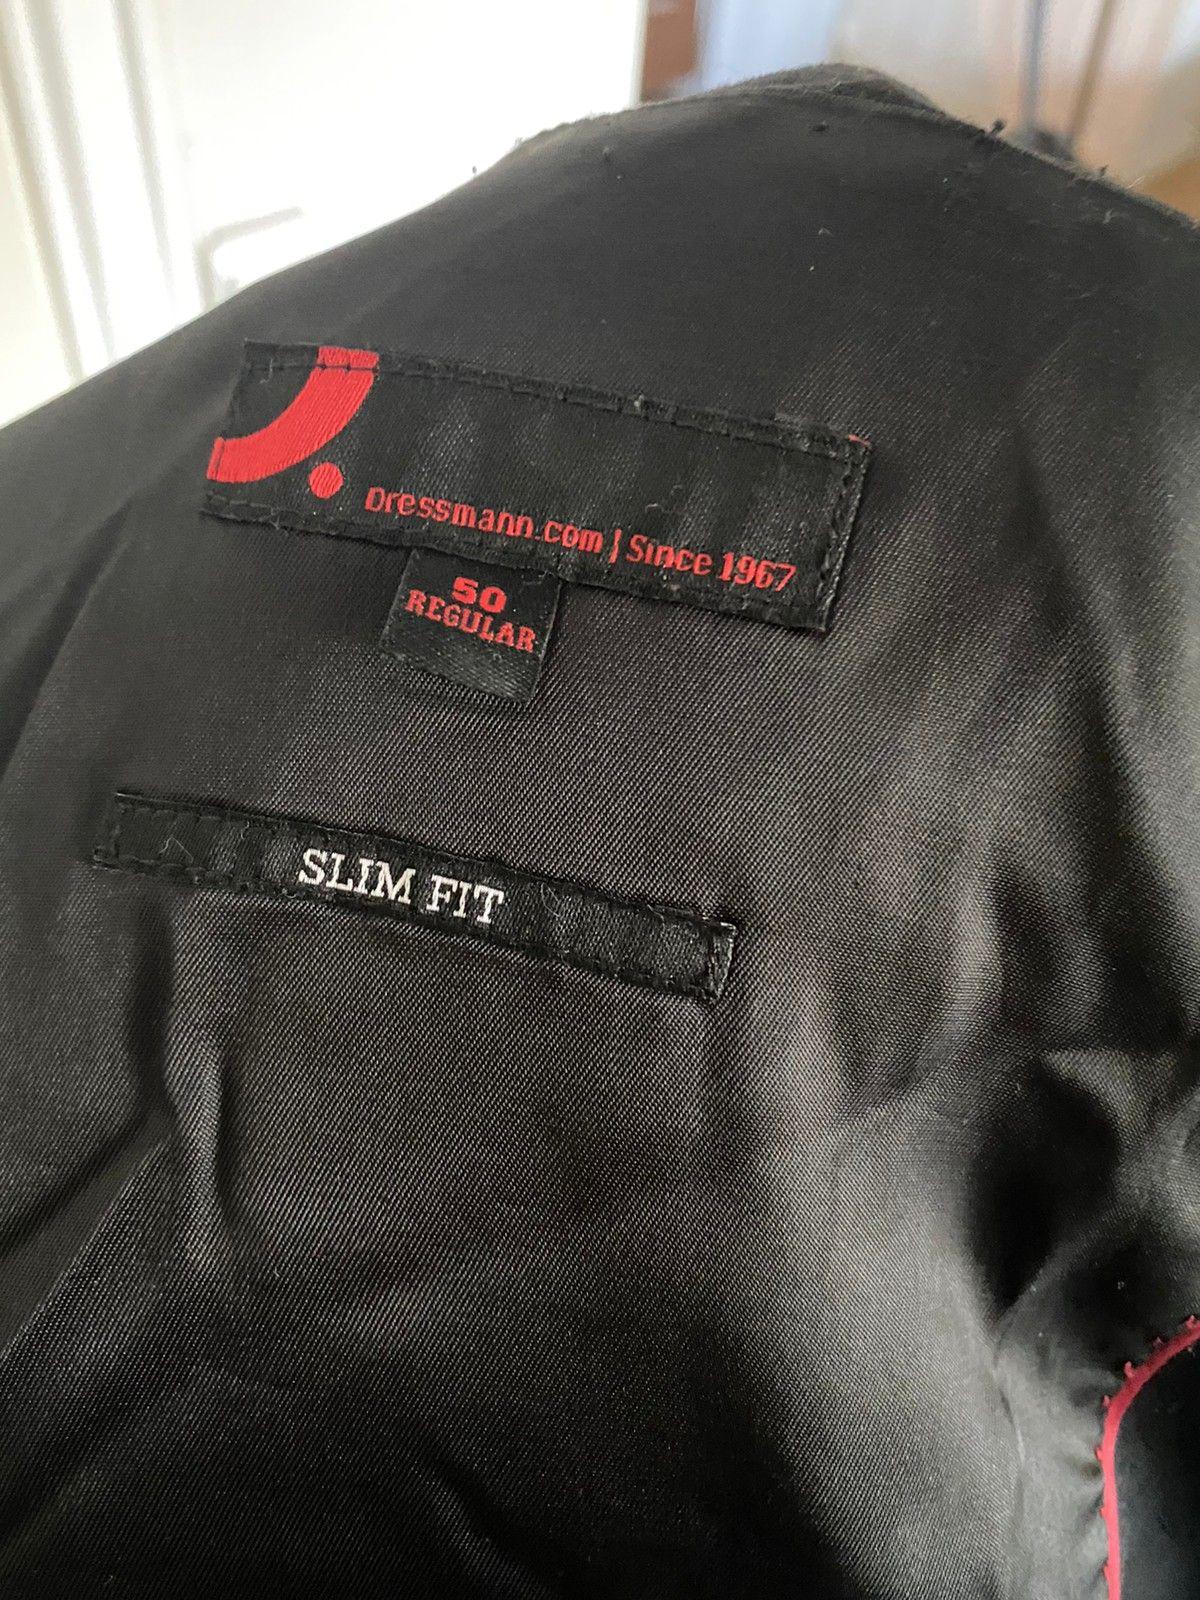 dressmanns billigste jakke